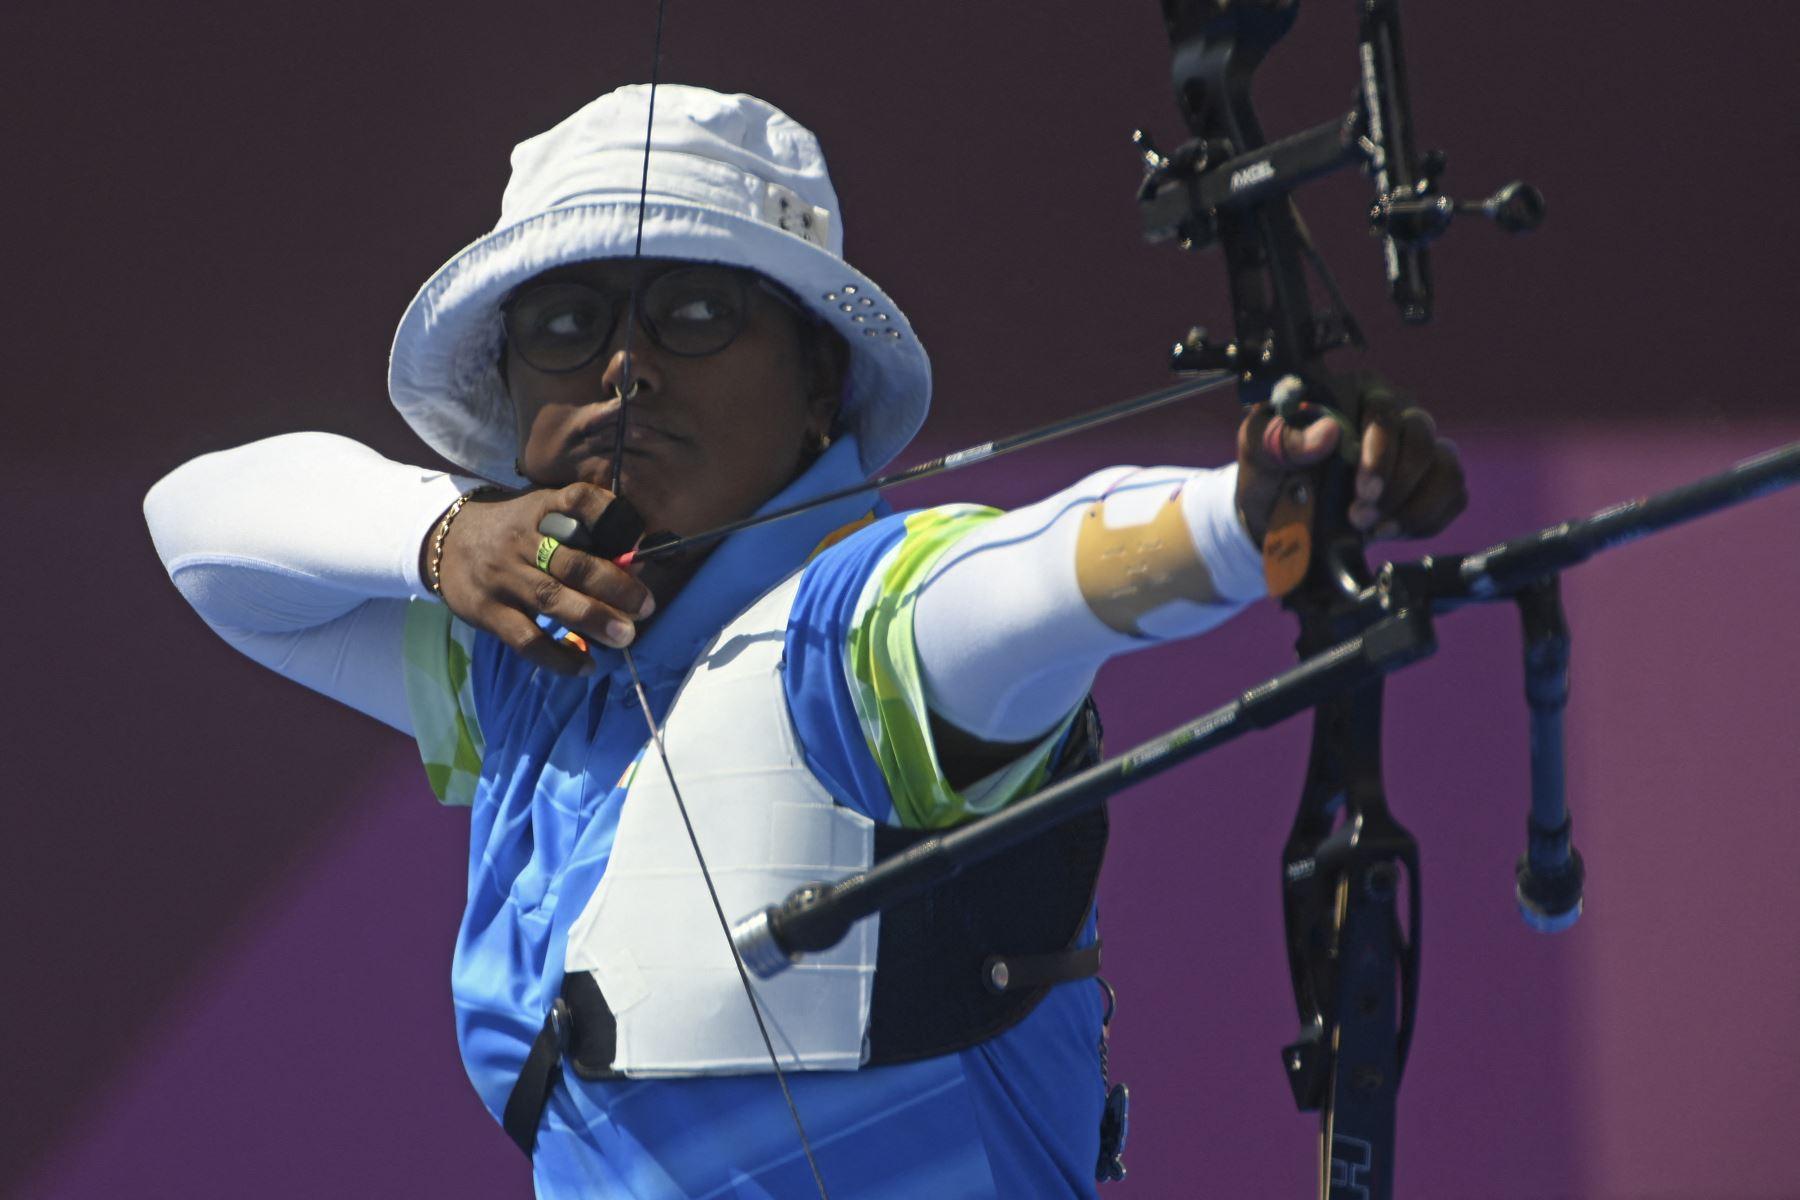 Deepika Kumari de India compite en un partido por equipos mixtos durante los Juegos Olímpicos de Tokio 2020, en el campo de tiro con arco del parque Yumenoshima, en Tokio. Foto: AFP